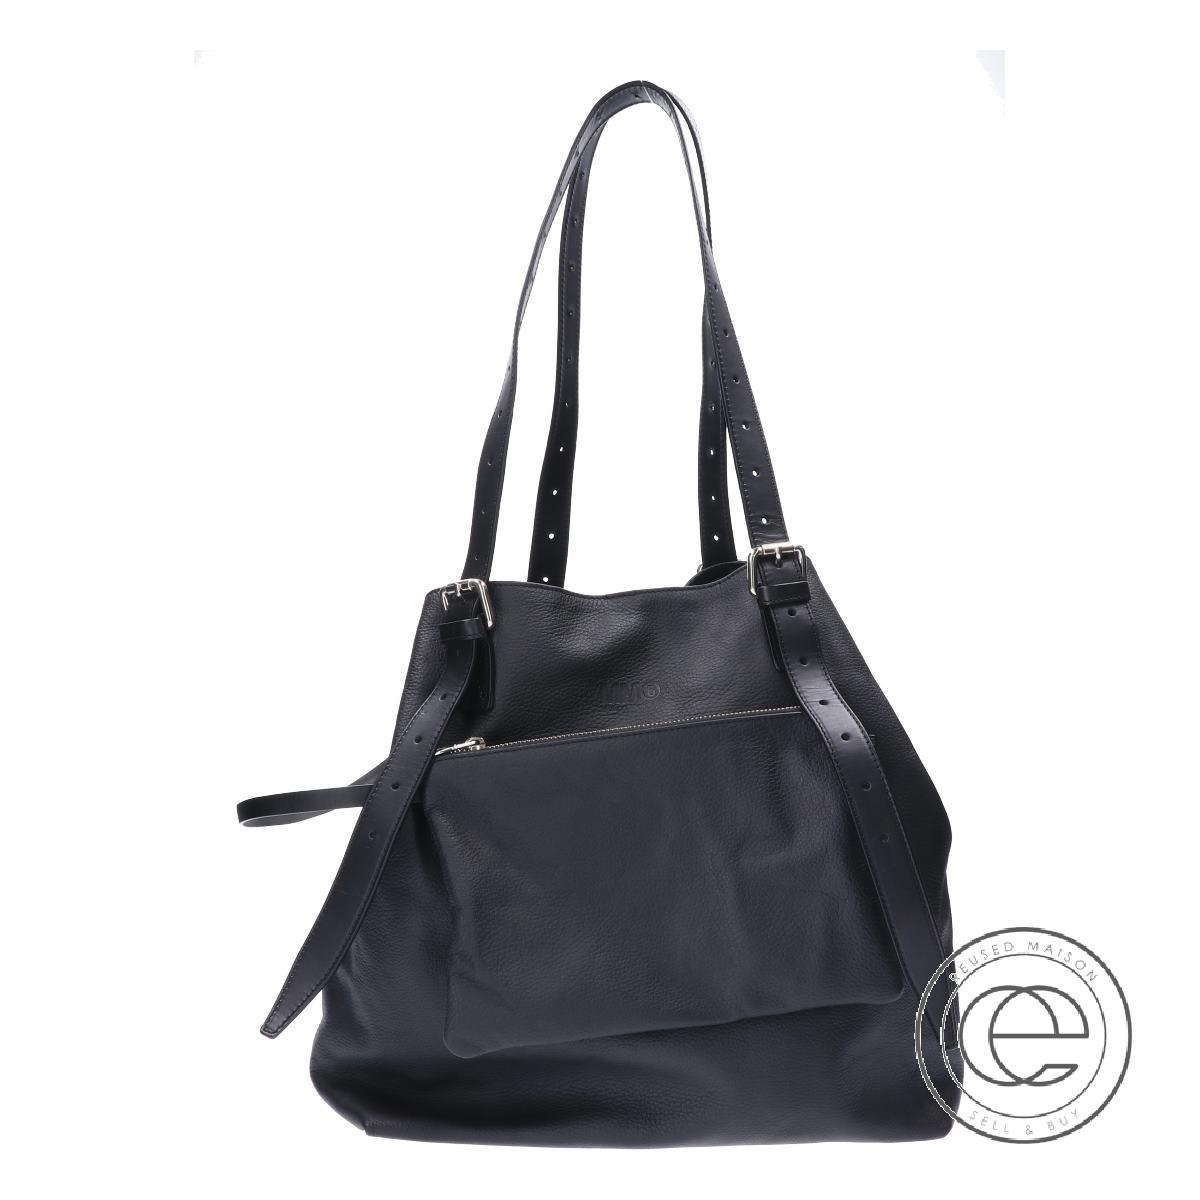 MM6 MAISON MARGIELA エムエム 6 メゾン マルジェラ S41WC0013 Shopping Bag ショッピング トートバッグ ブラック レディース 【中古】